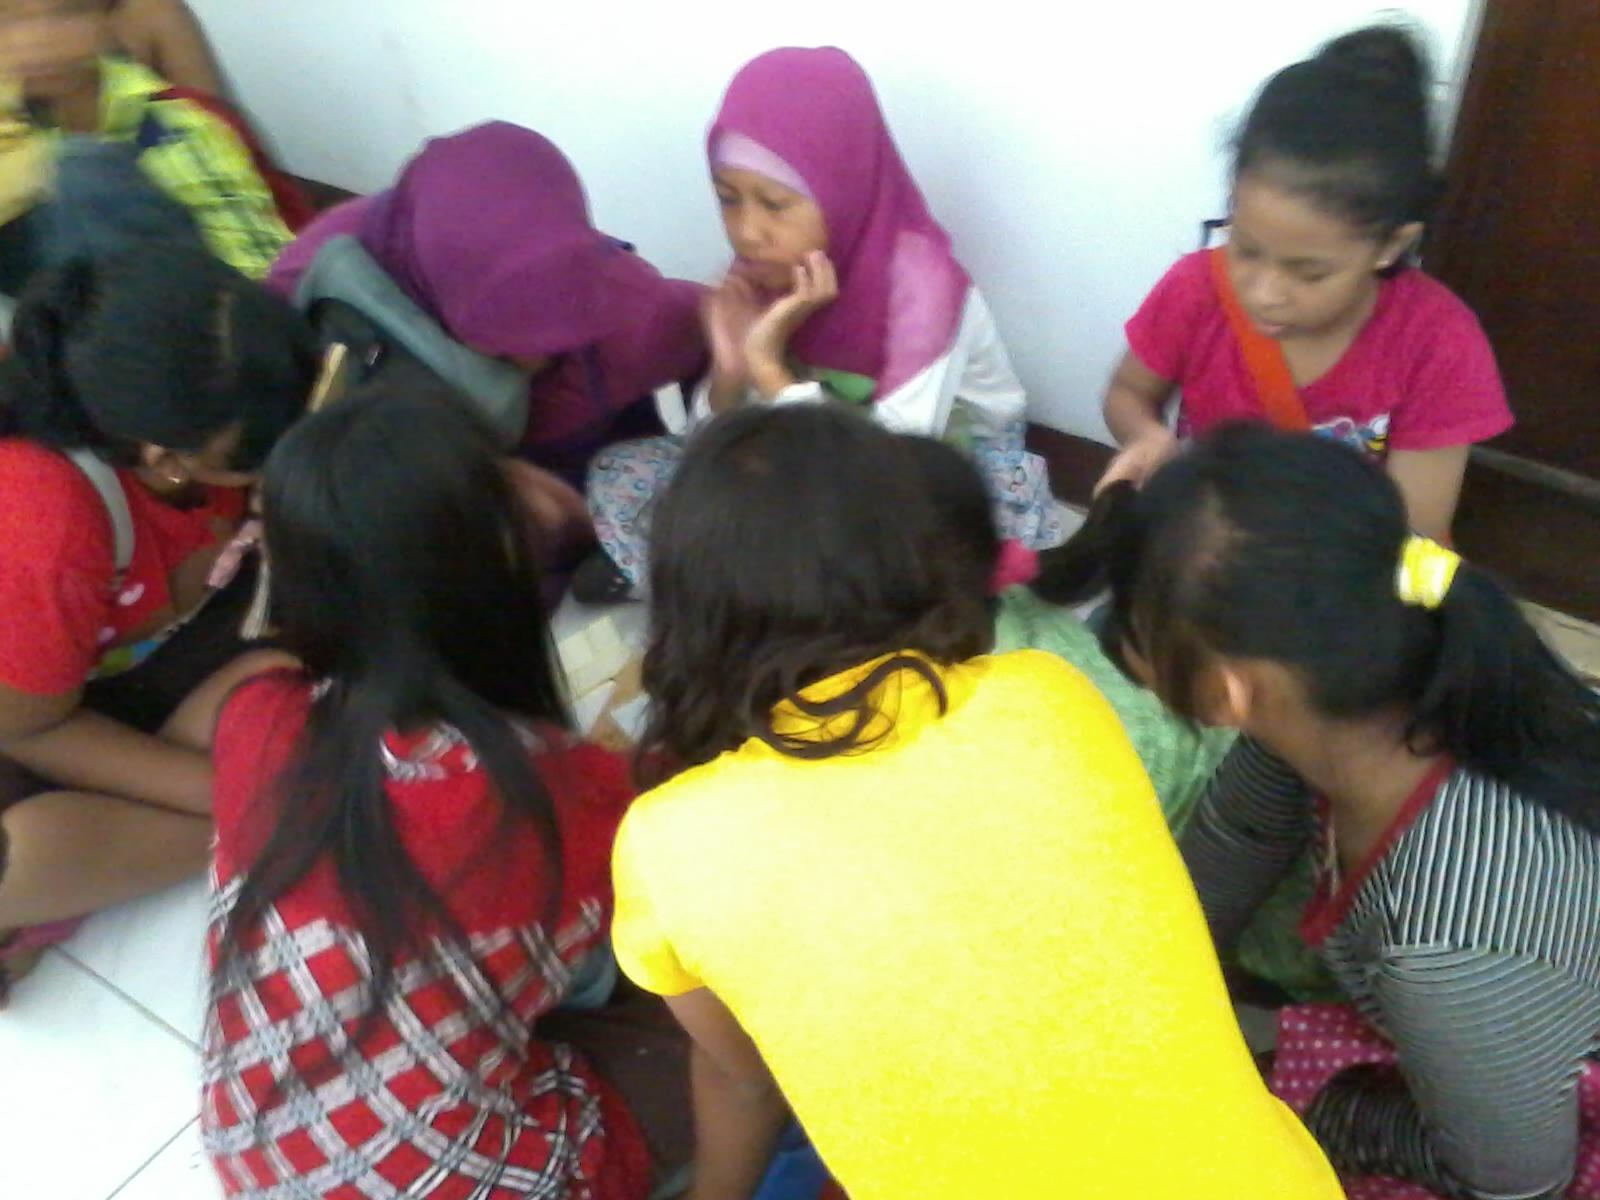 Diskusi Kelompok Tentang Pendidikan Pengertian Pendidikan >> Makalah Tentang Pendidikan Seperti Ini Situasi Diskusi Kelompok Semua Berpartisipasi